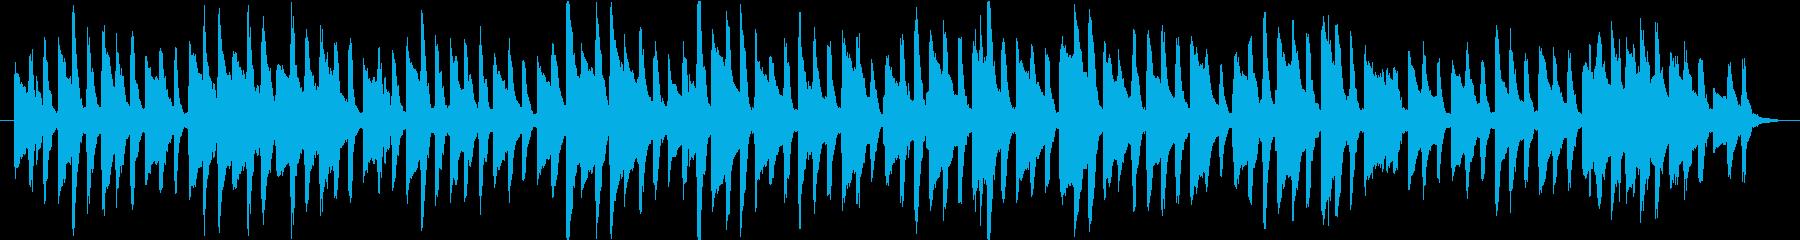 かわいい動物動画に合うトイピアノのワルツの再生済みの波形